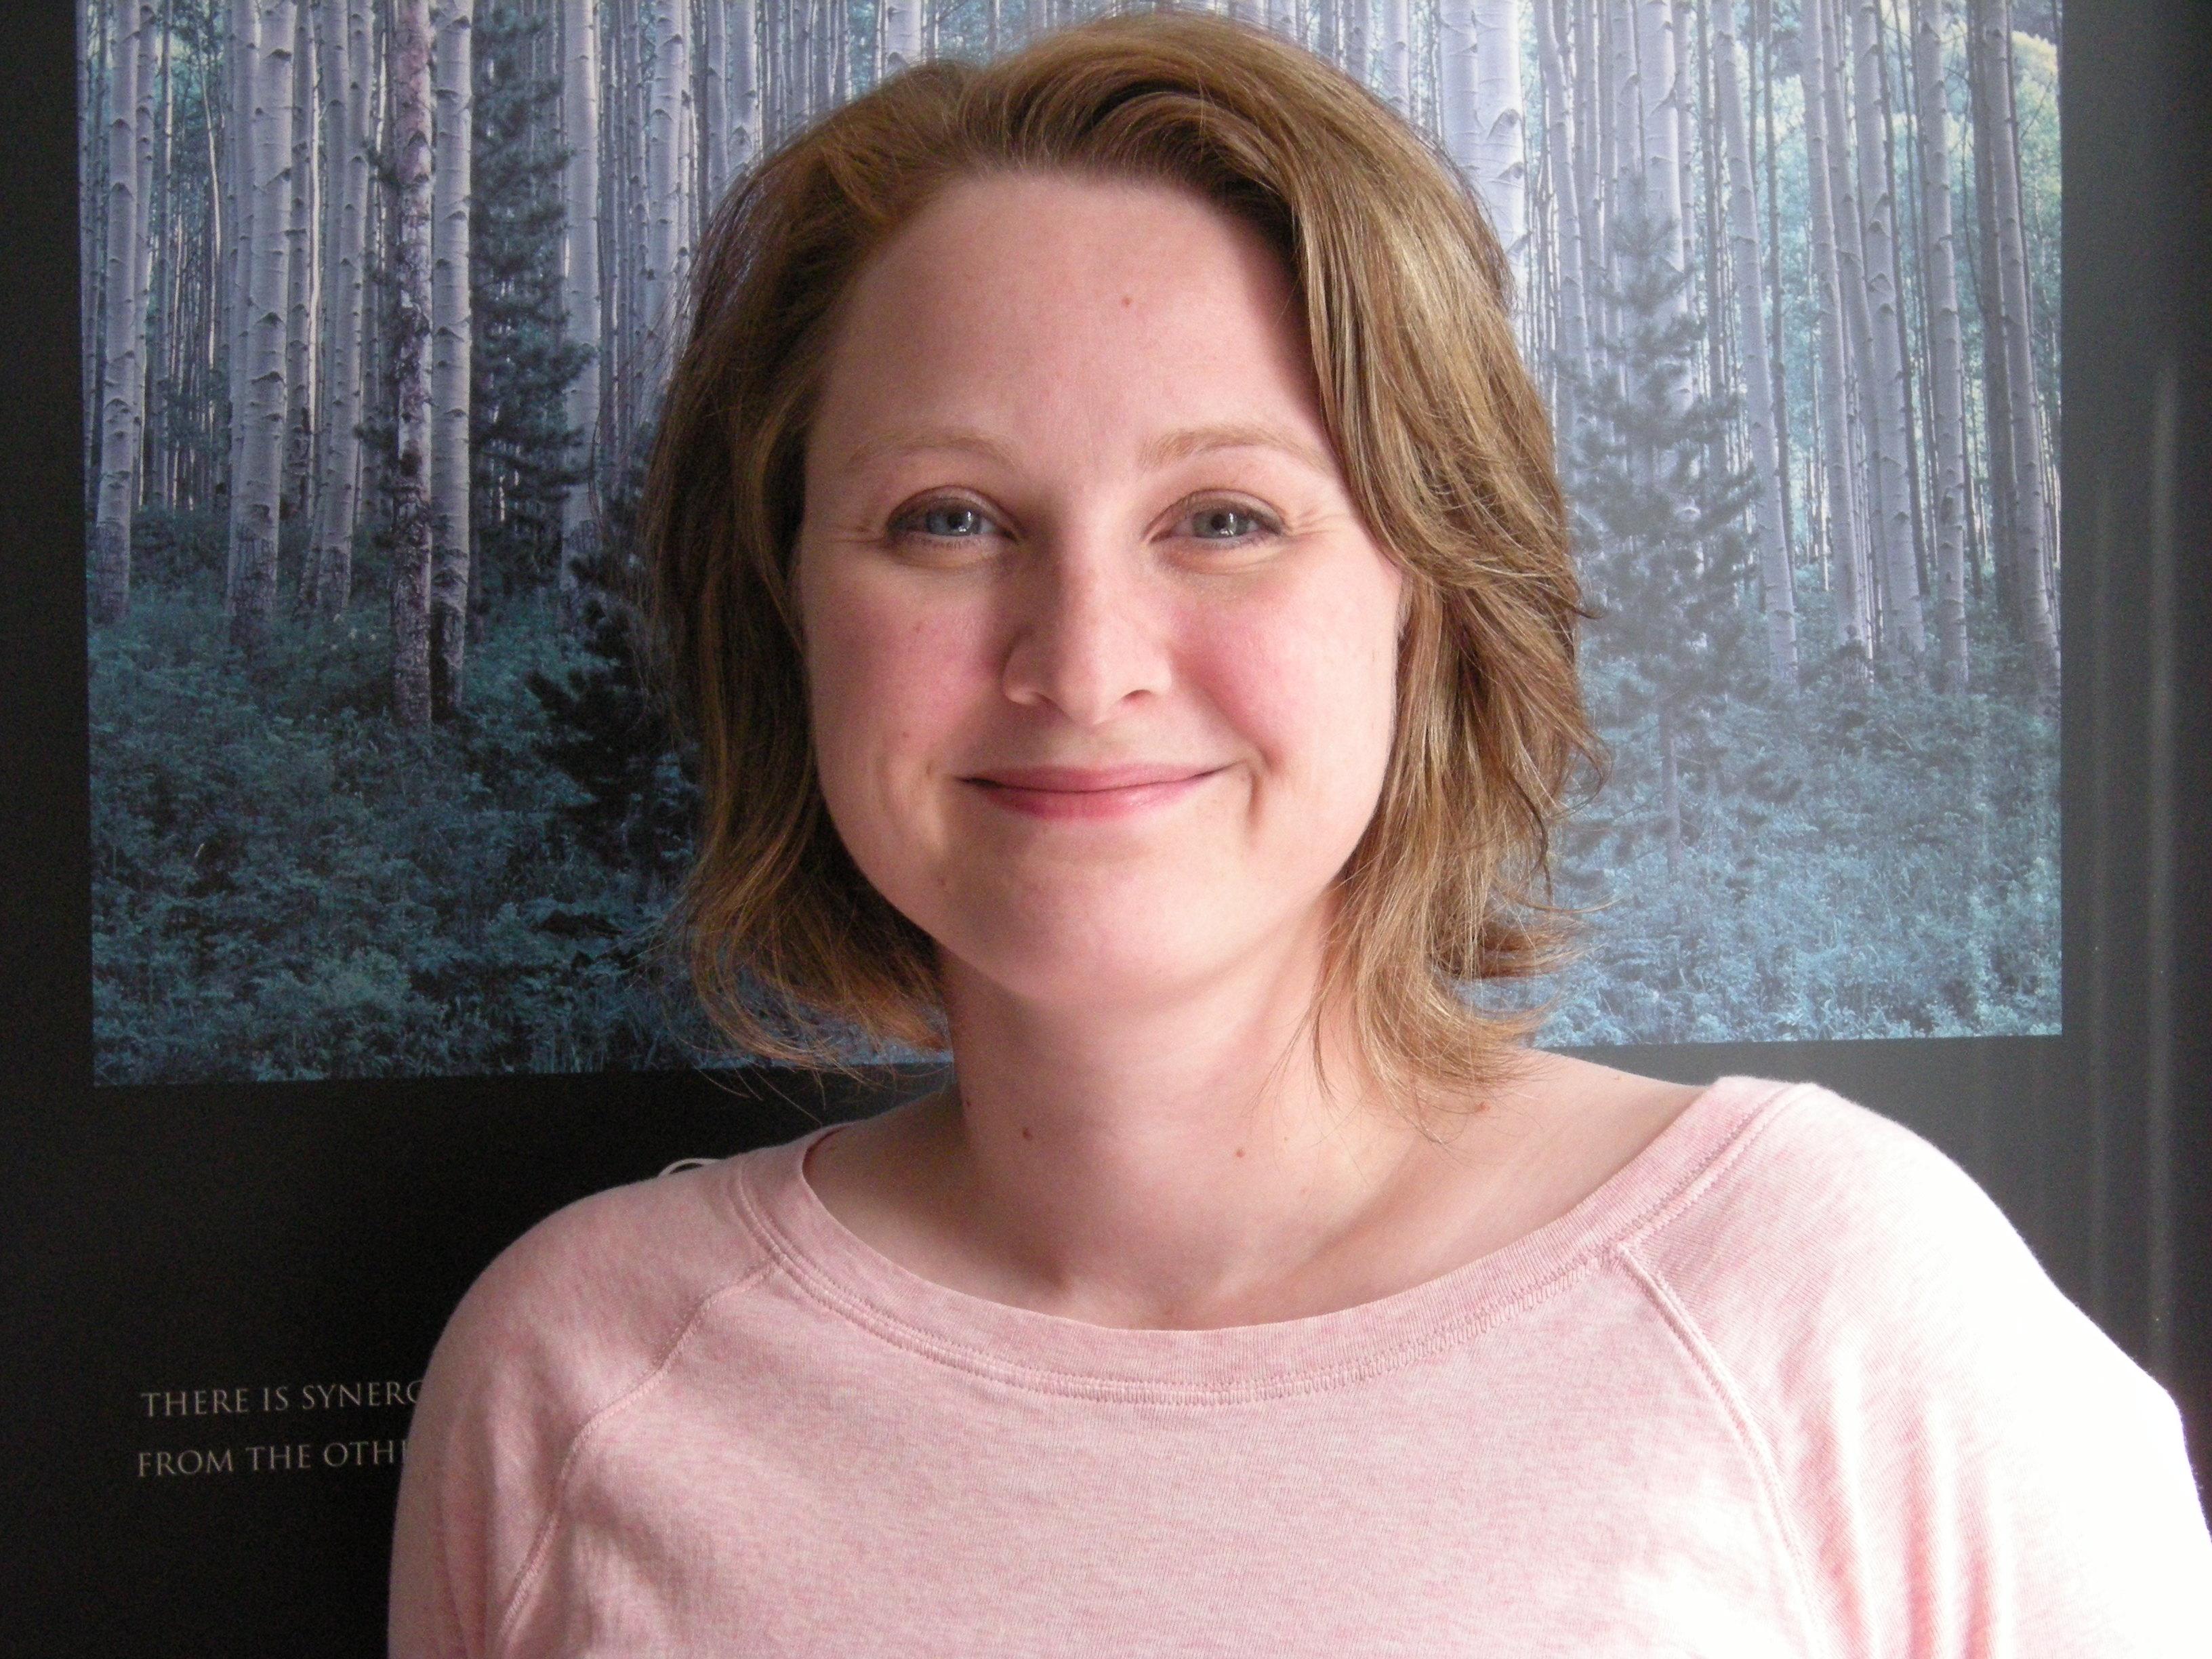 Janet Overvelde